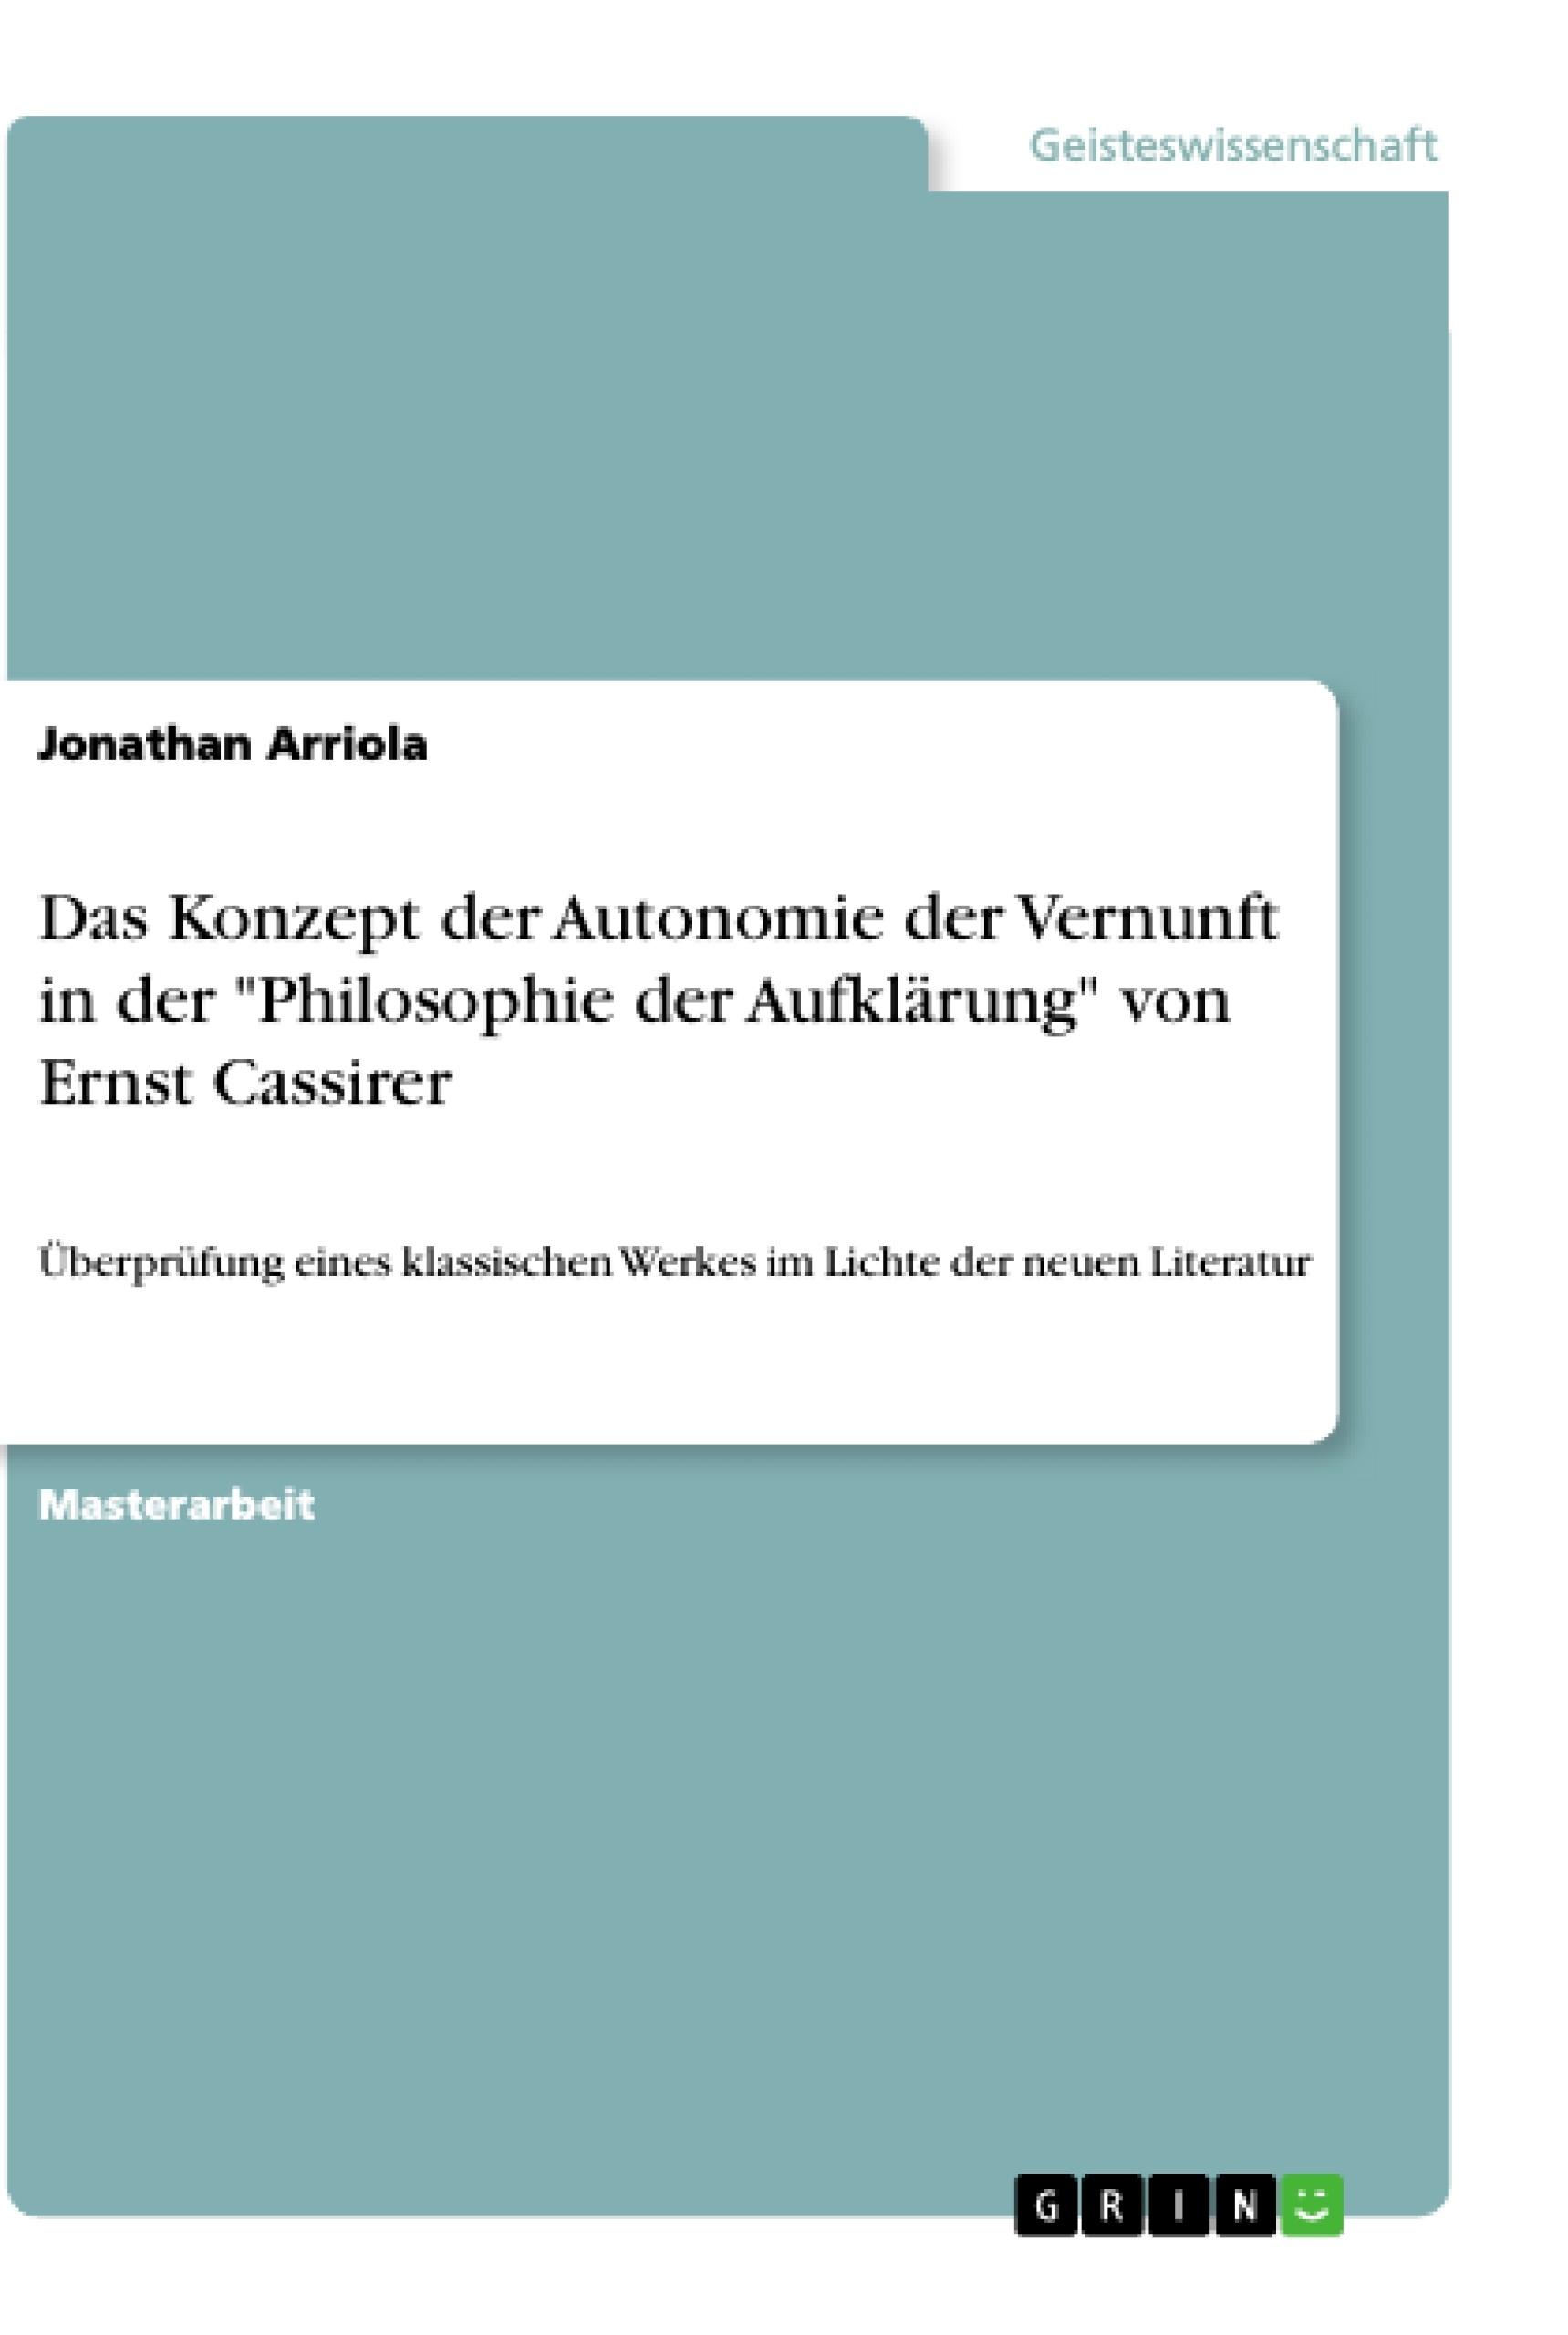 """Titel: Das Konzept der Autonomie der Vernunft in der """"Philosophie der Aufklärung"""" von Ernst Cassirer"""